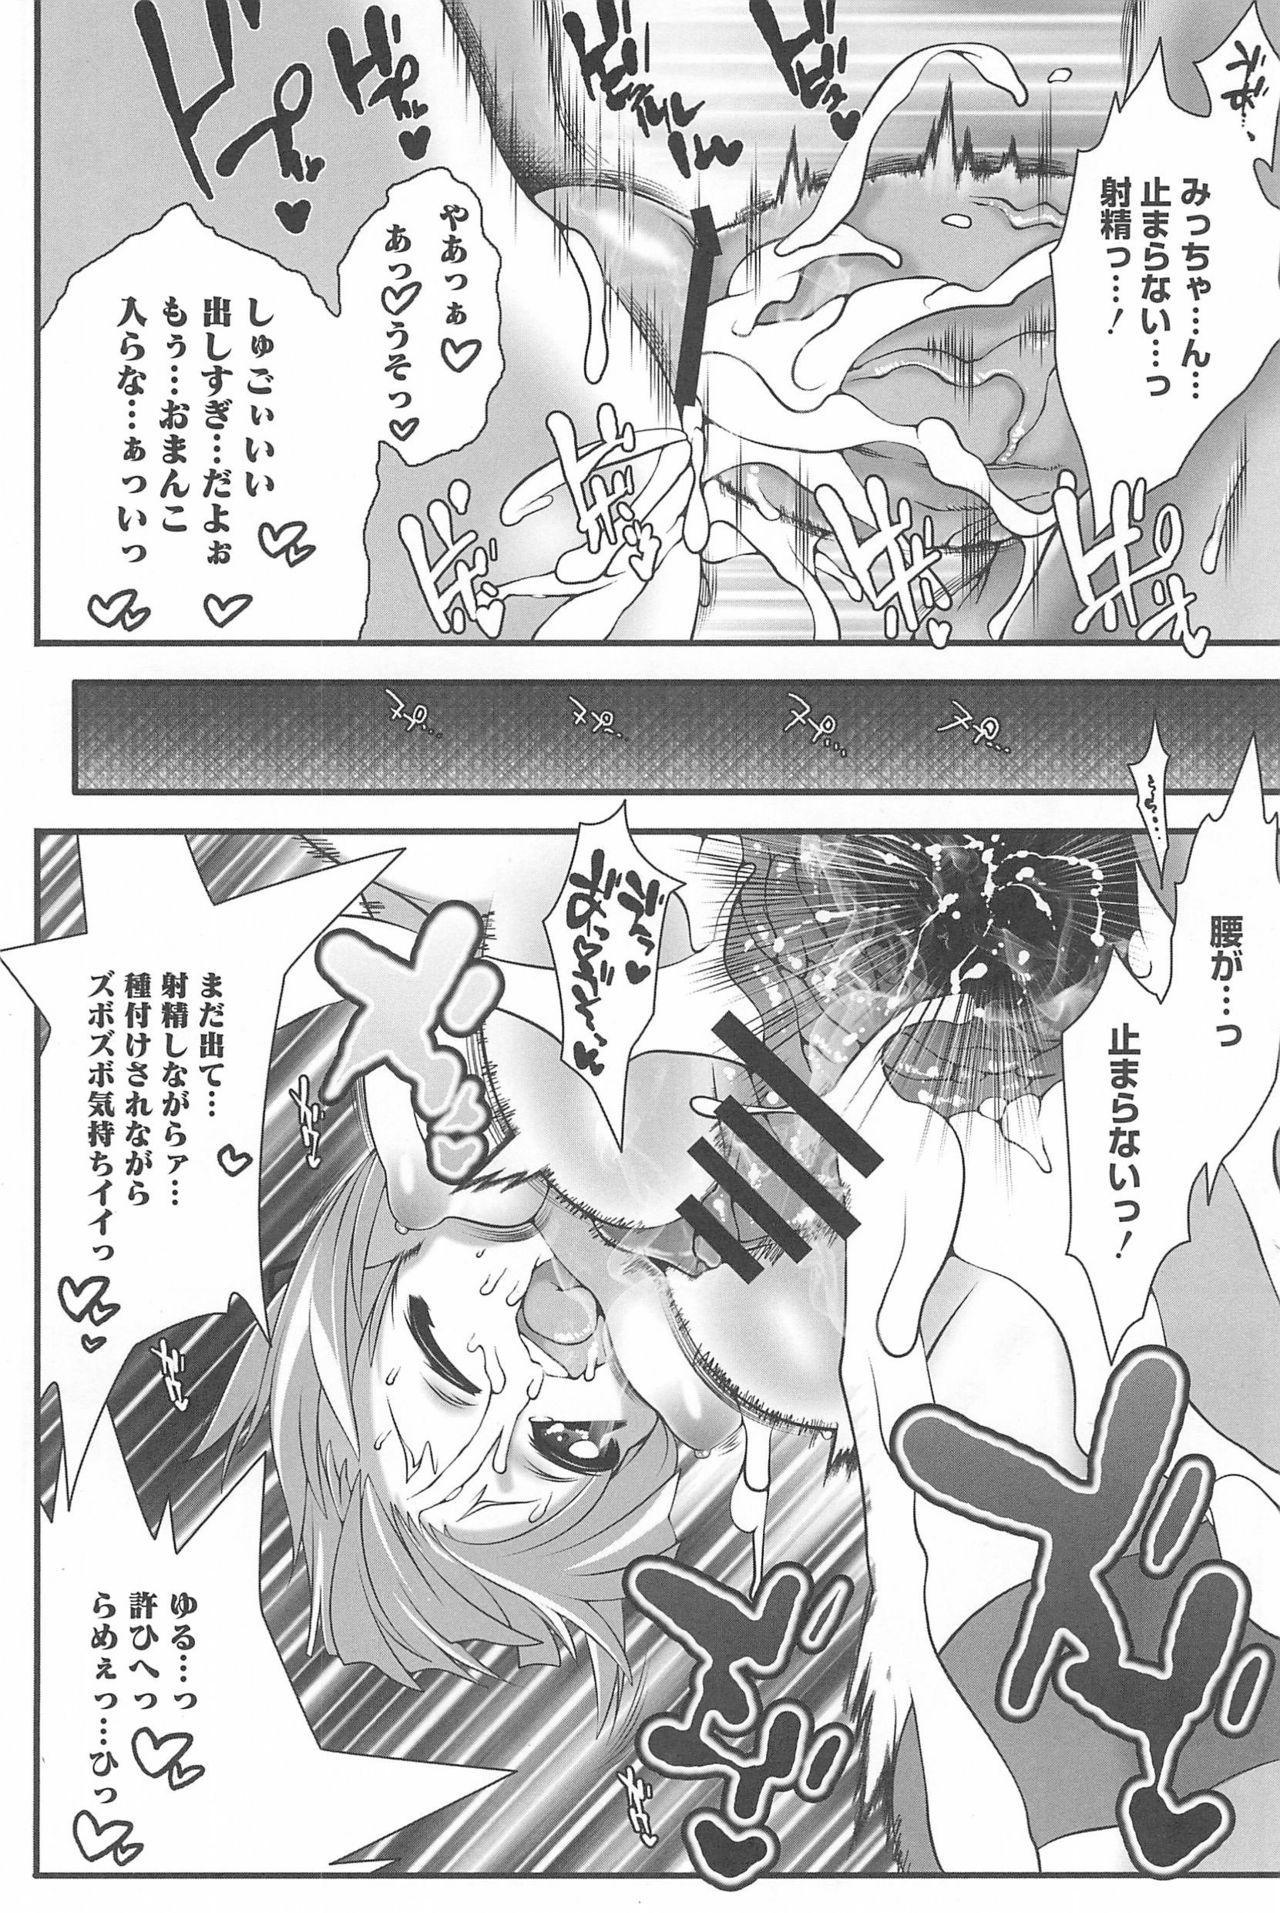 [Anthology] 3-tsugo 3 Shimai no Seiyoku wa 3-bai (Mitsudomoe) 83